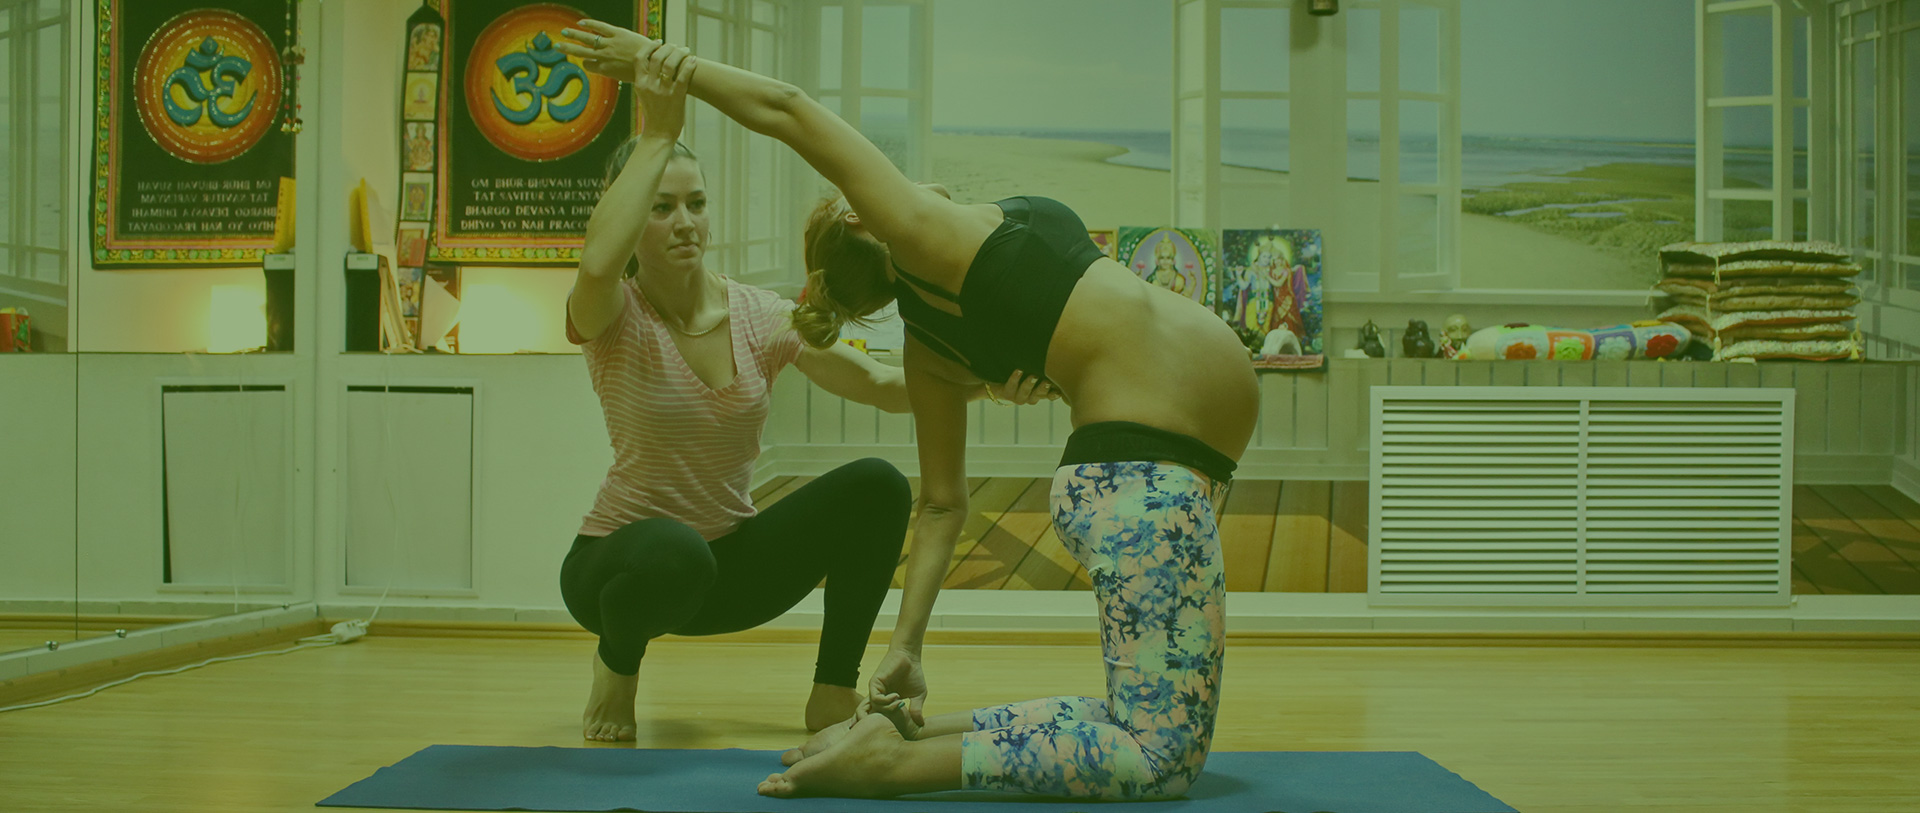 Йога для беременных индивидуально<br></noscript> в Миассе